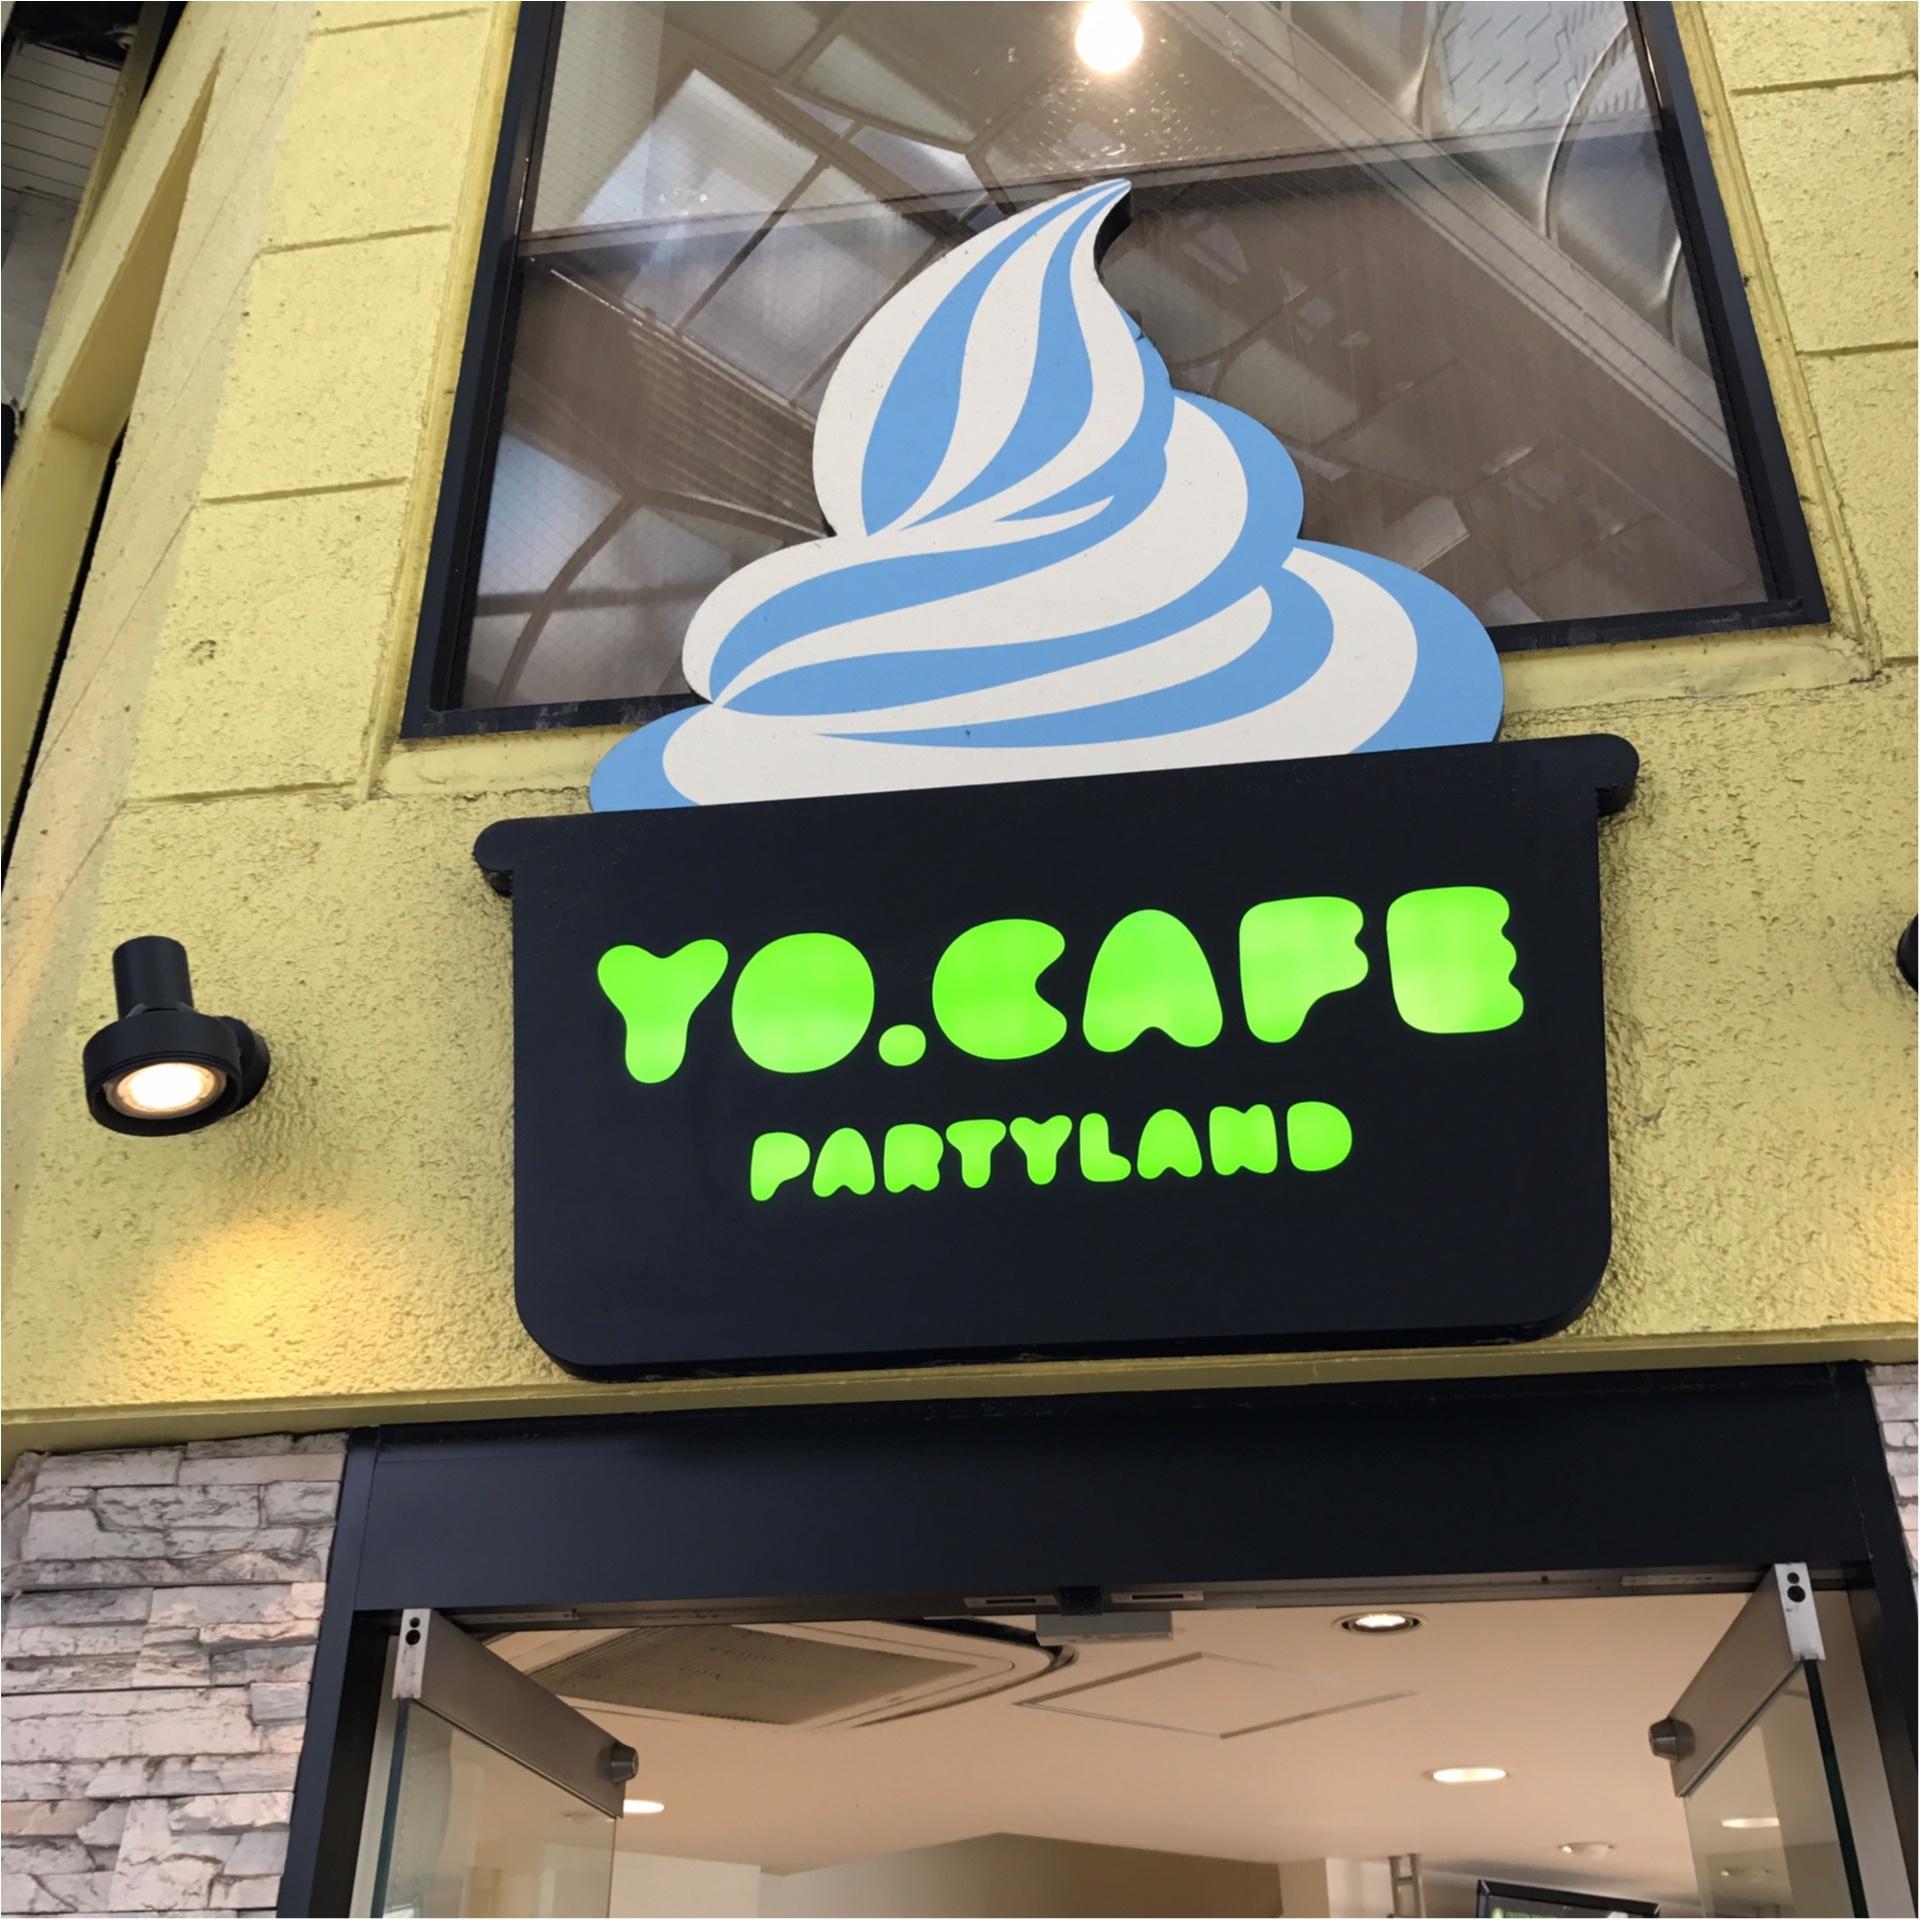 ★ヘルシーフローズンは、オリジナルがベスト♪心斎橋『YO.CAFE』で自分好みのフローズンを作ってみてはいかが?★_1